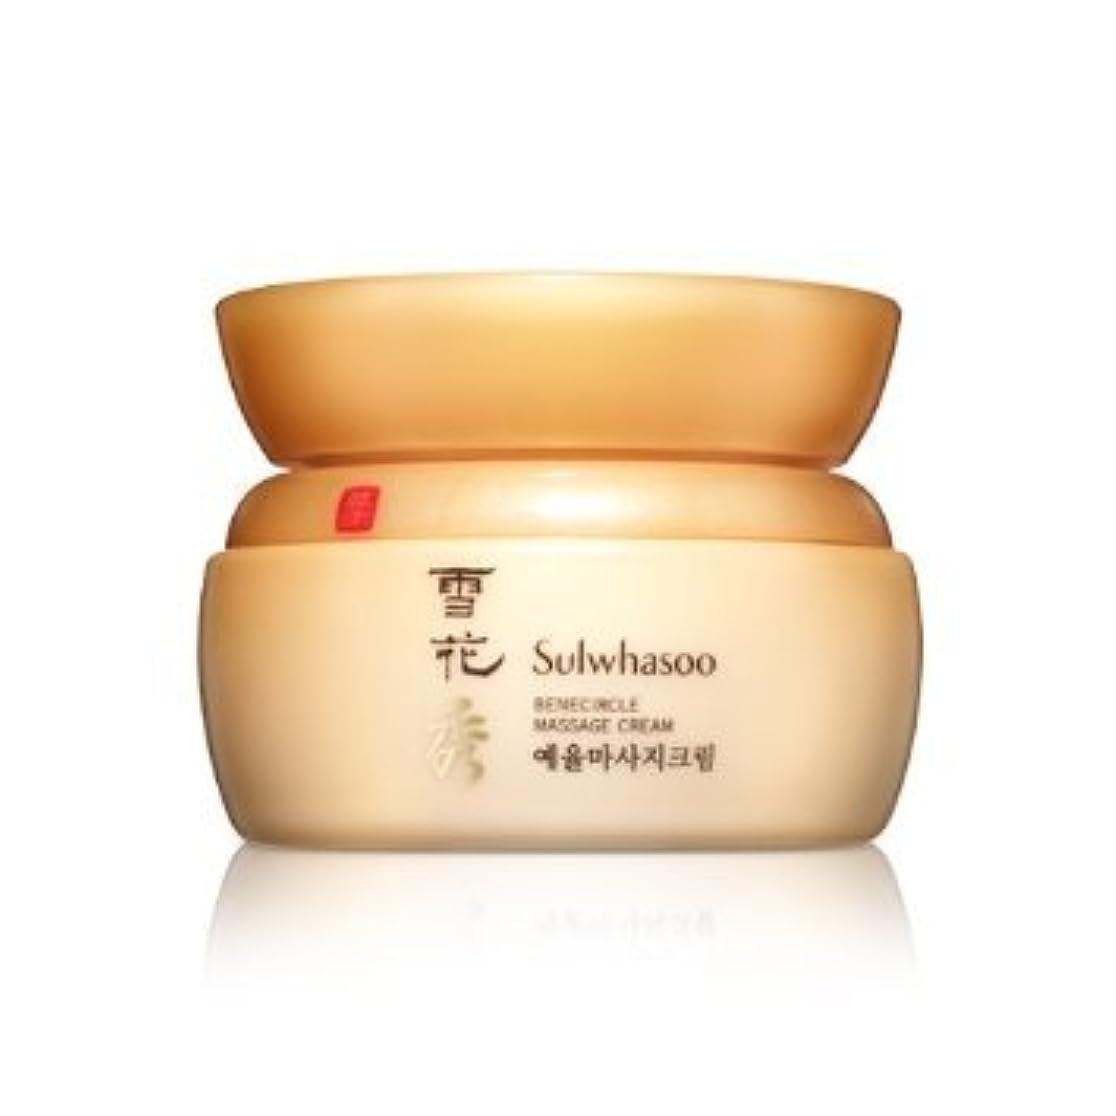 学校の先生承認ネズミ[Sulwhasoo] Benecircle Massage Cream (Yae Yul Massage Cream) 180ml / FREE Gift Wrap![並行輸入品]